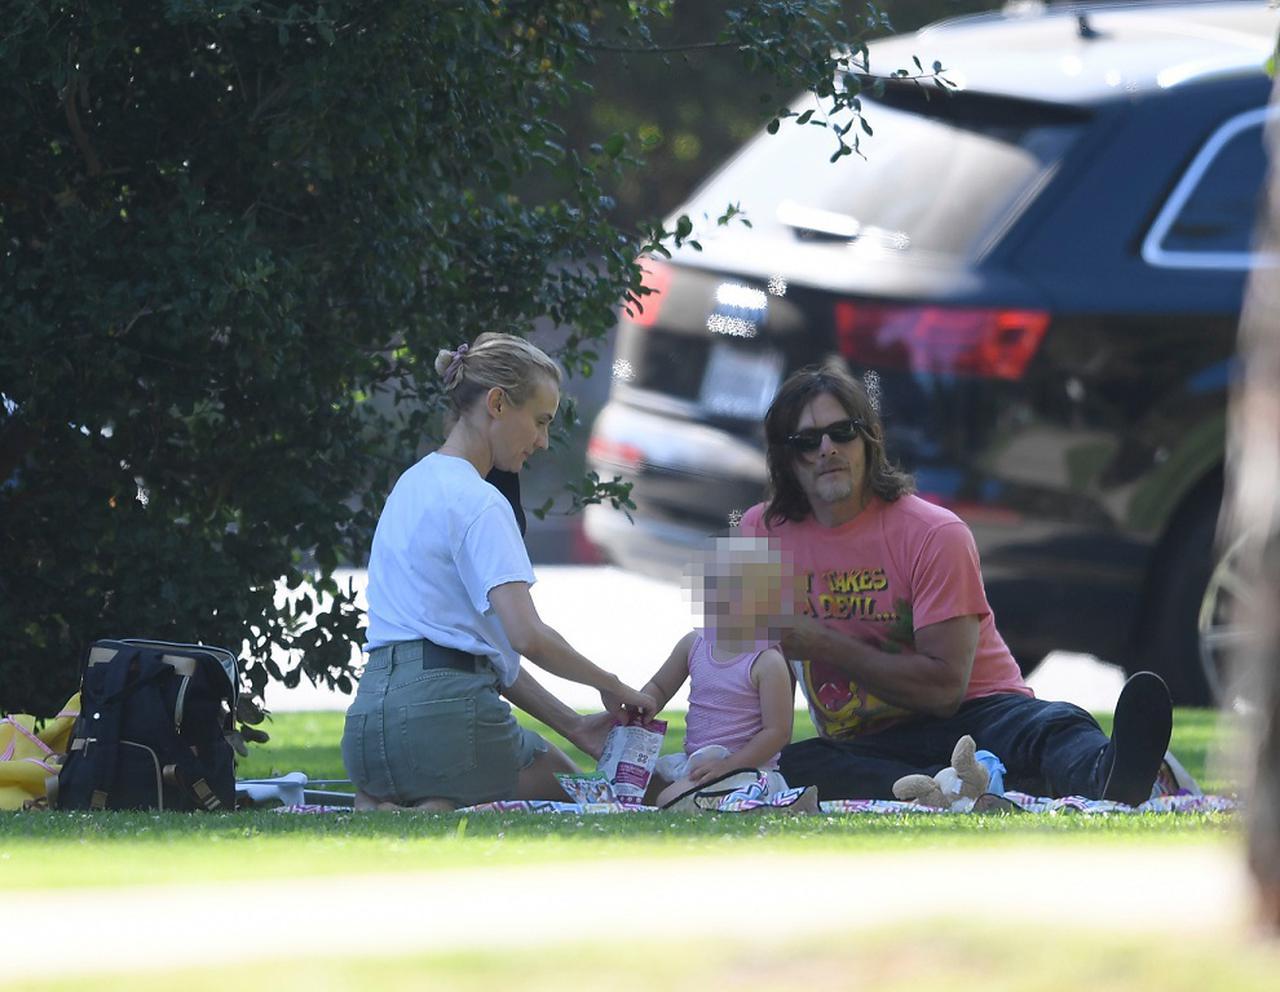 画像: 5月にパパラッチが撮影したピクニック風景。ノーマンとダイアンのリクエストにより、パパラッチは長女の顔にモザイクをかけている。